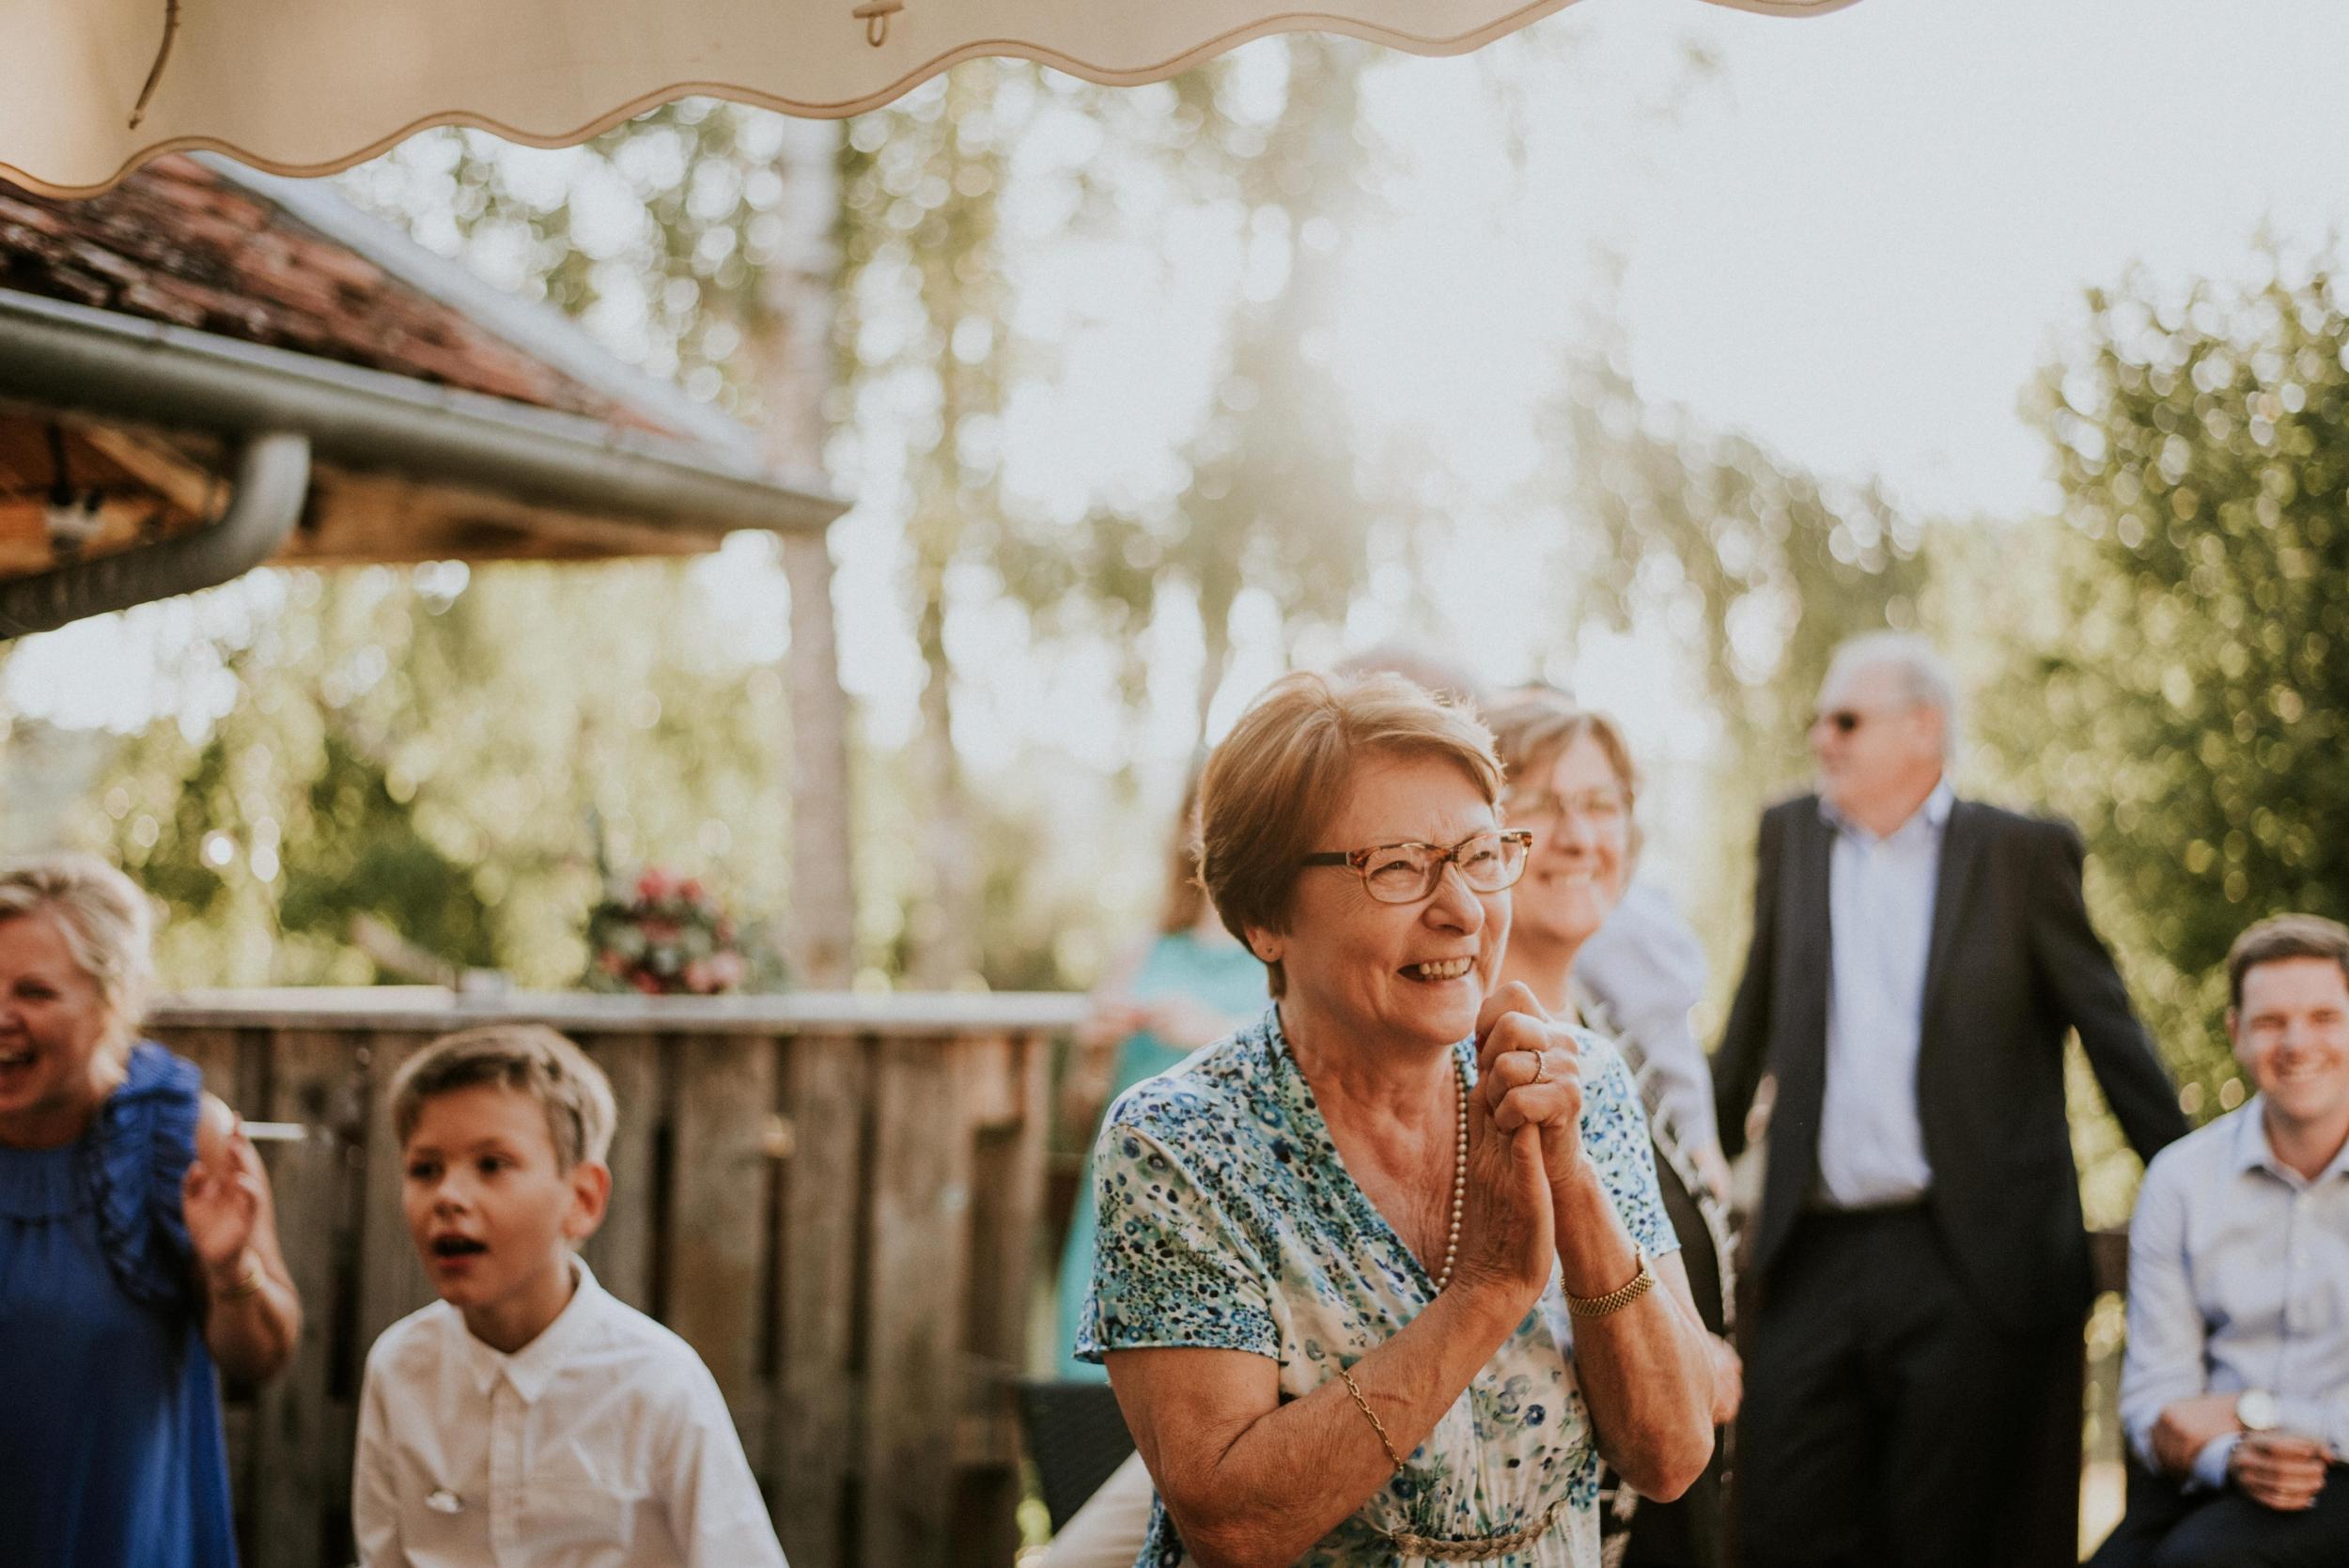 photographe mariage rhone alpes grenoble lyon annecy geneve montagne ceremonie laique_0020